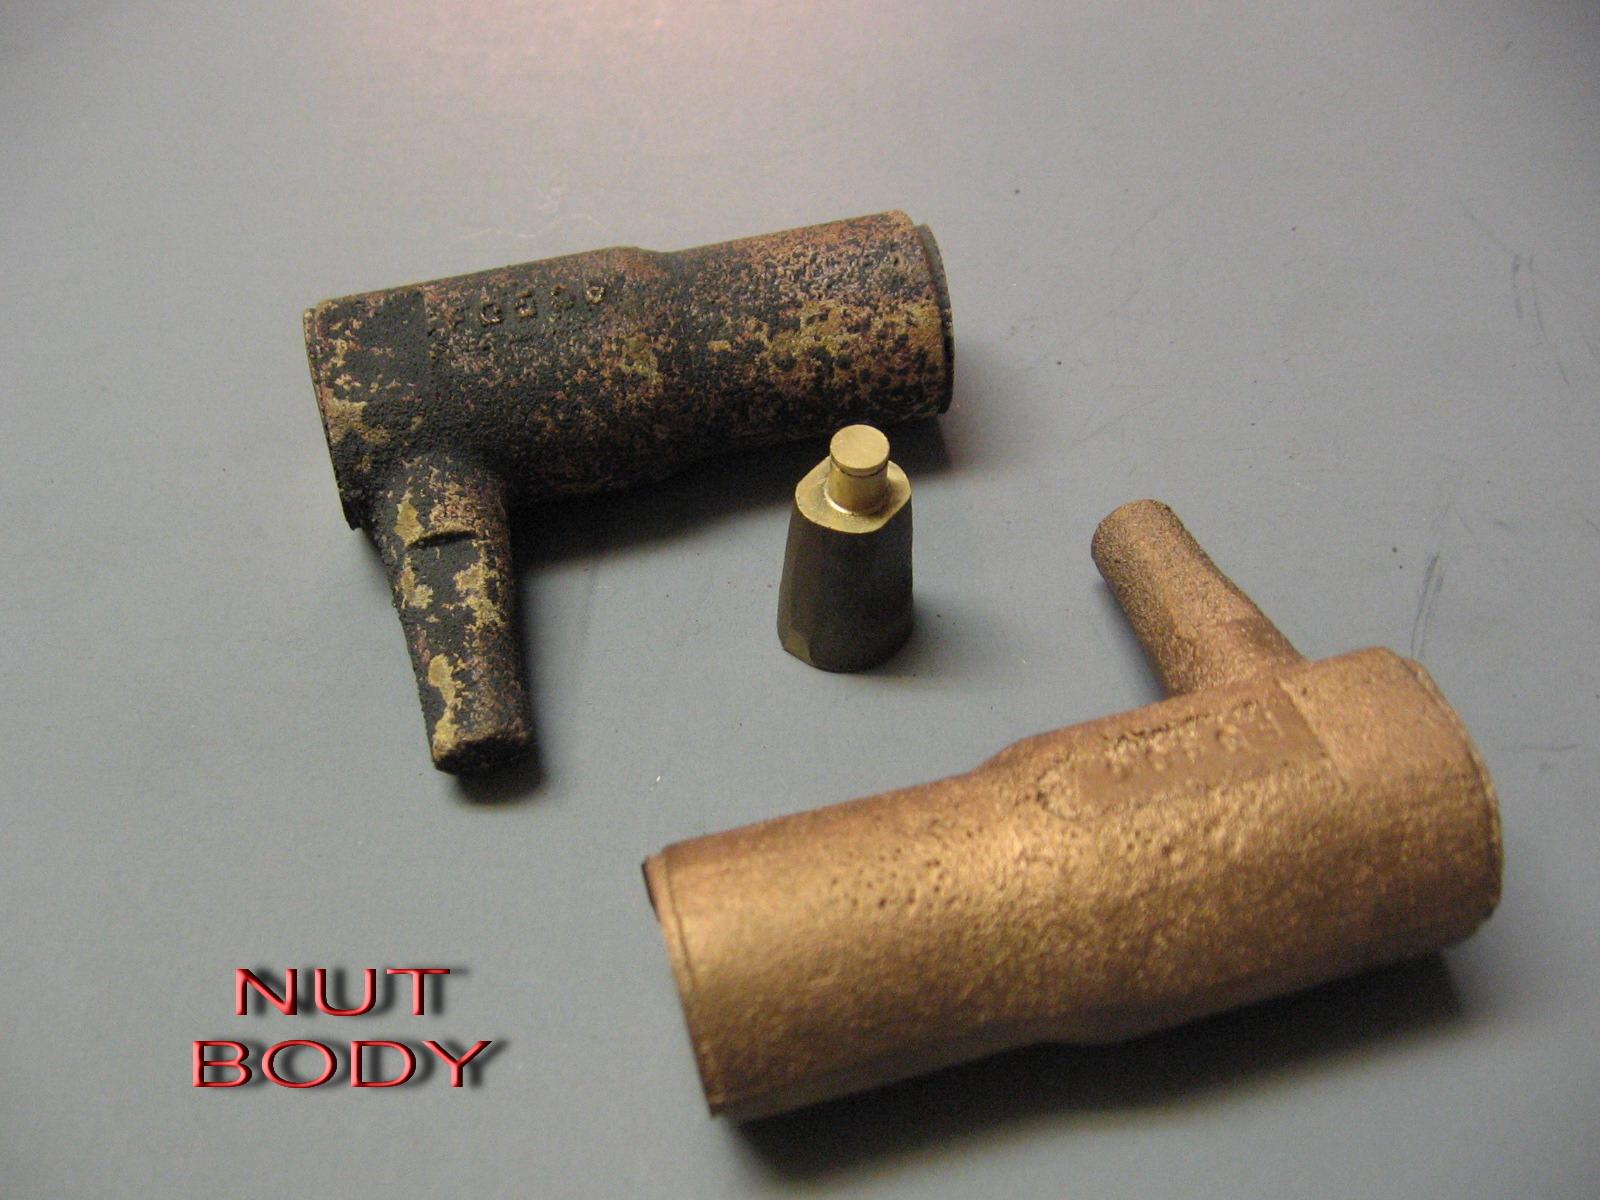 Nut body